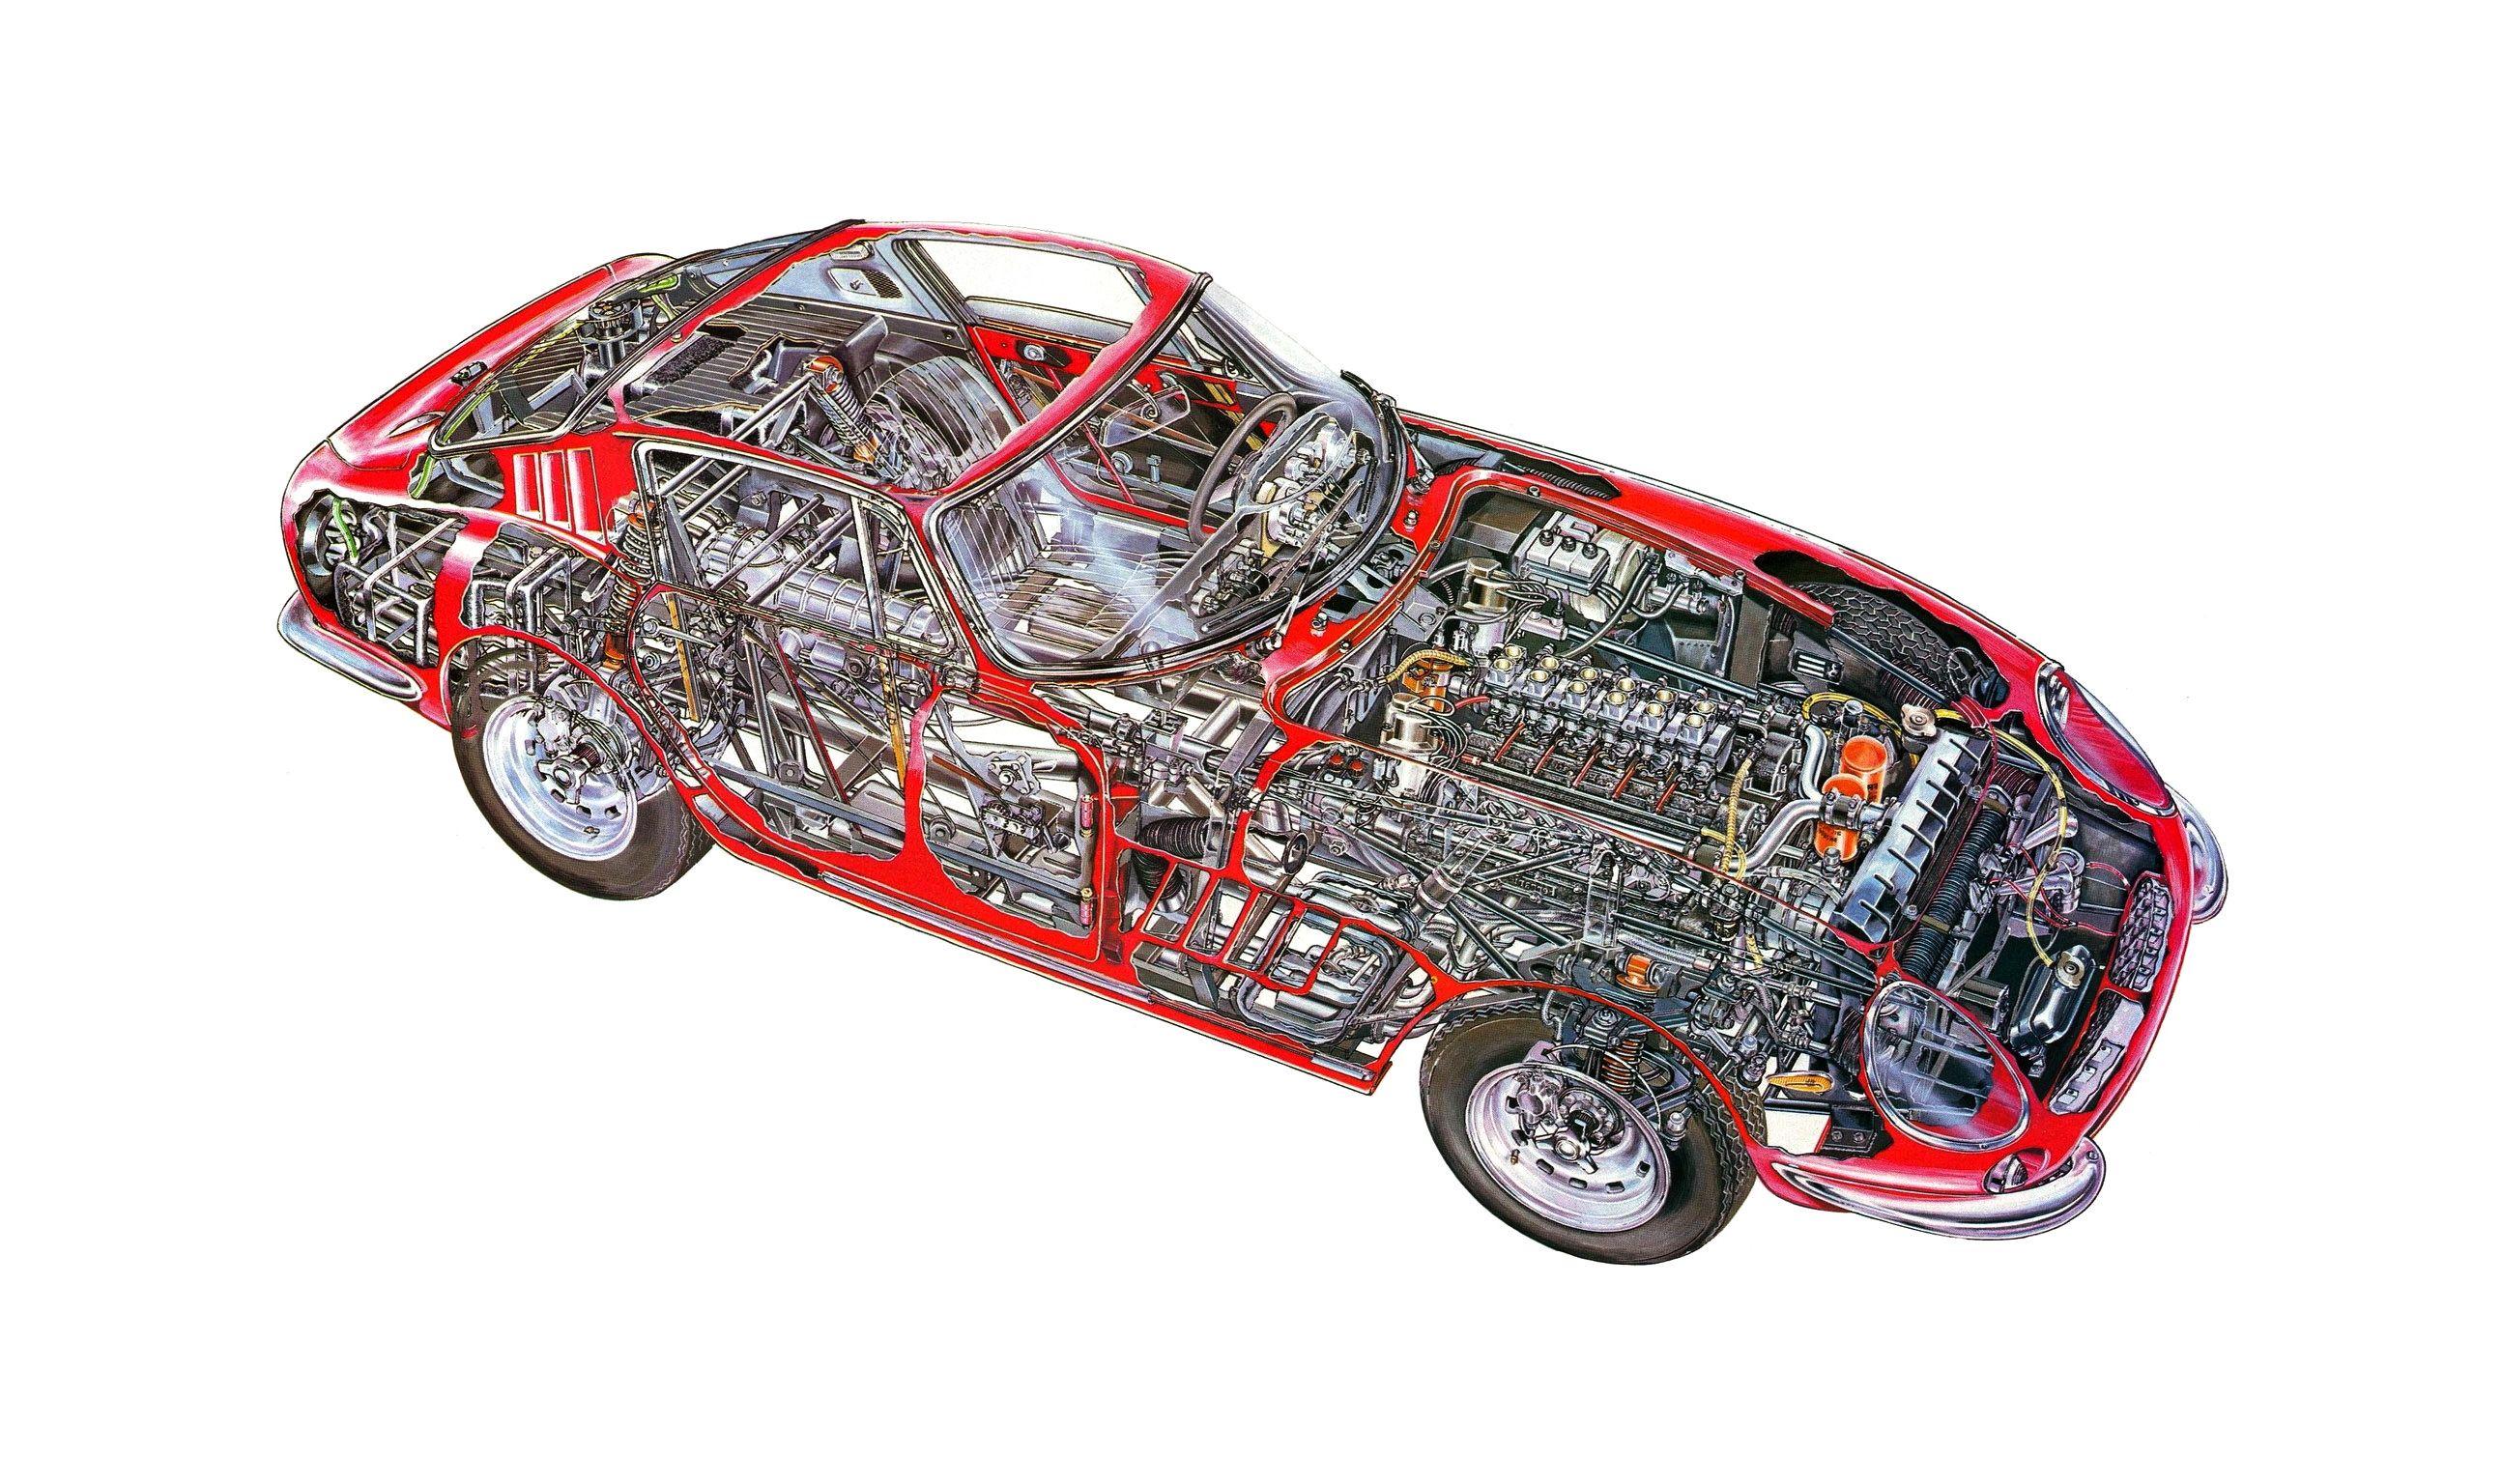 Ferrari Dino Berlinetta Competizione (Pininfarina) HD Wallpaper